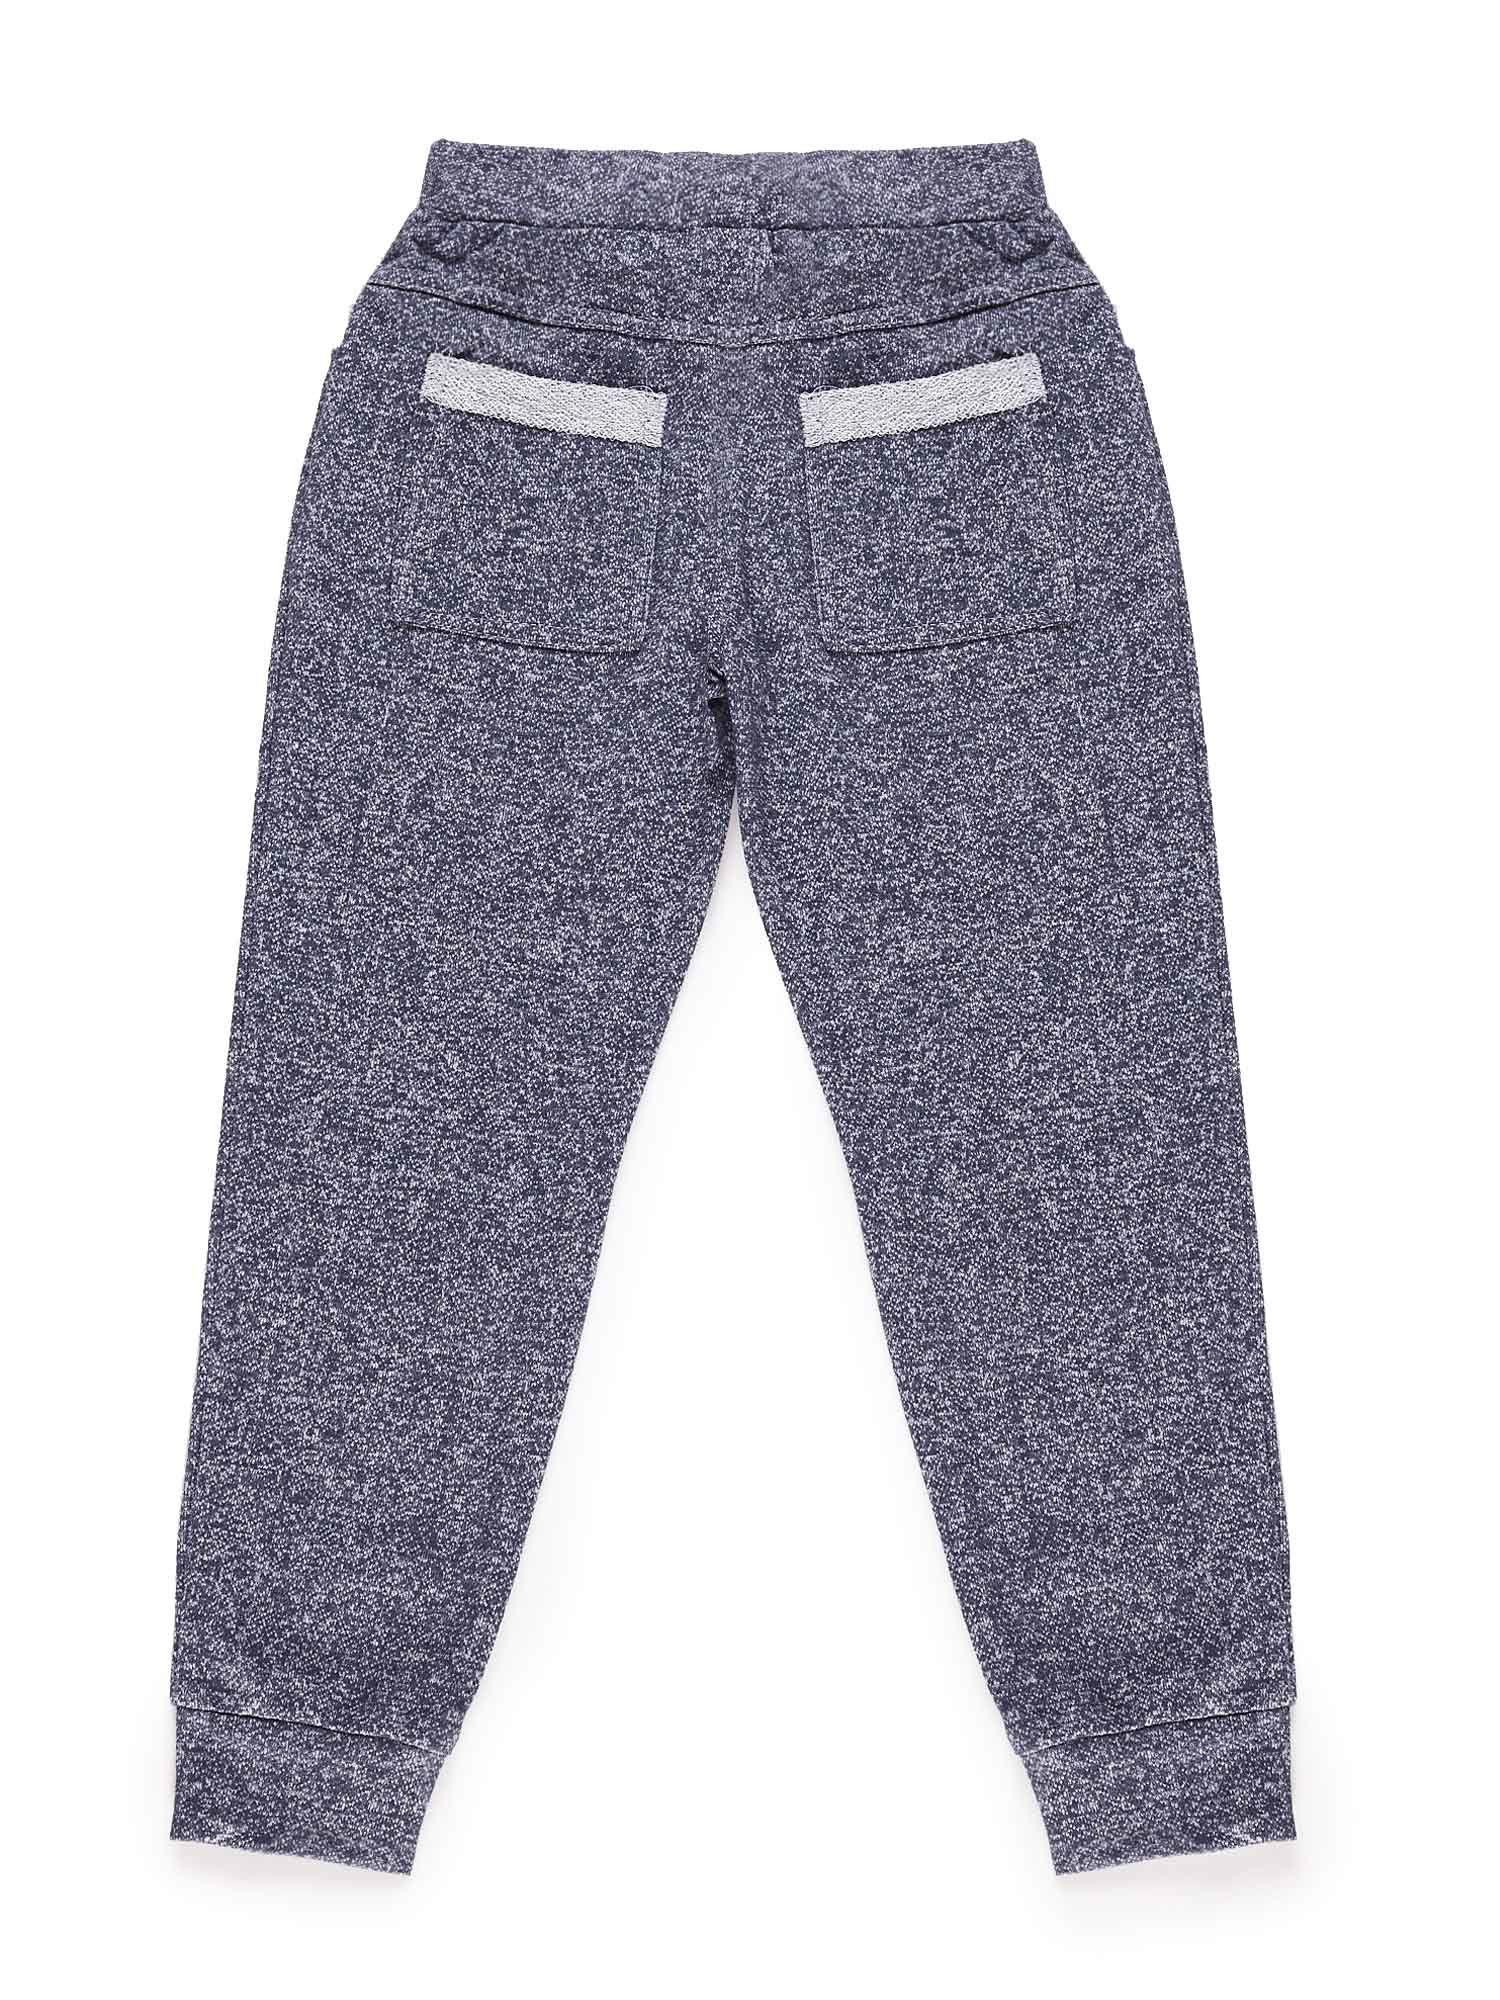 Spodnie dresowe chłopięce melanżowe granatowe